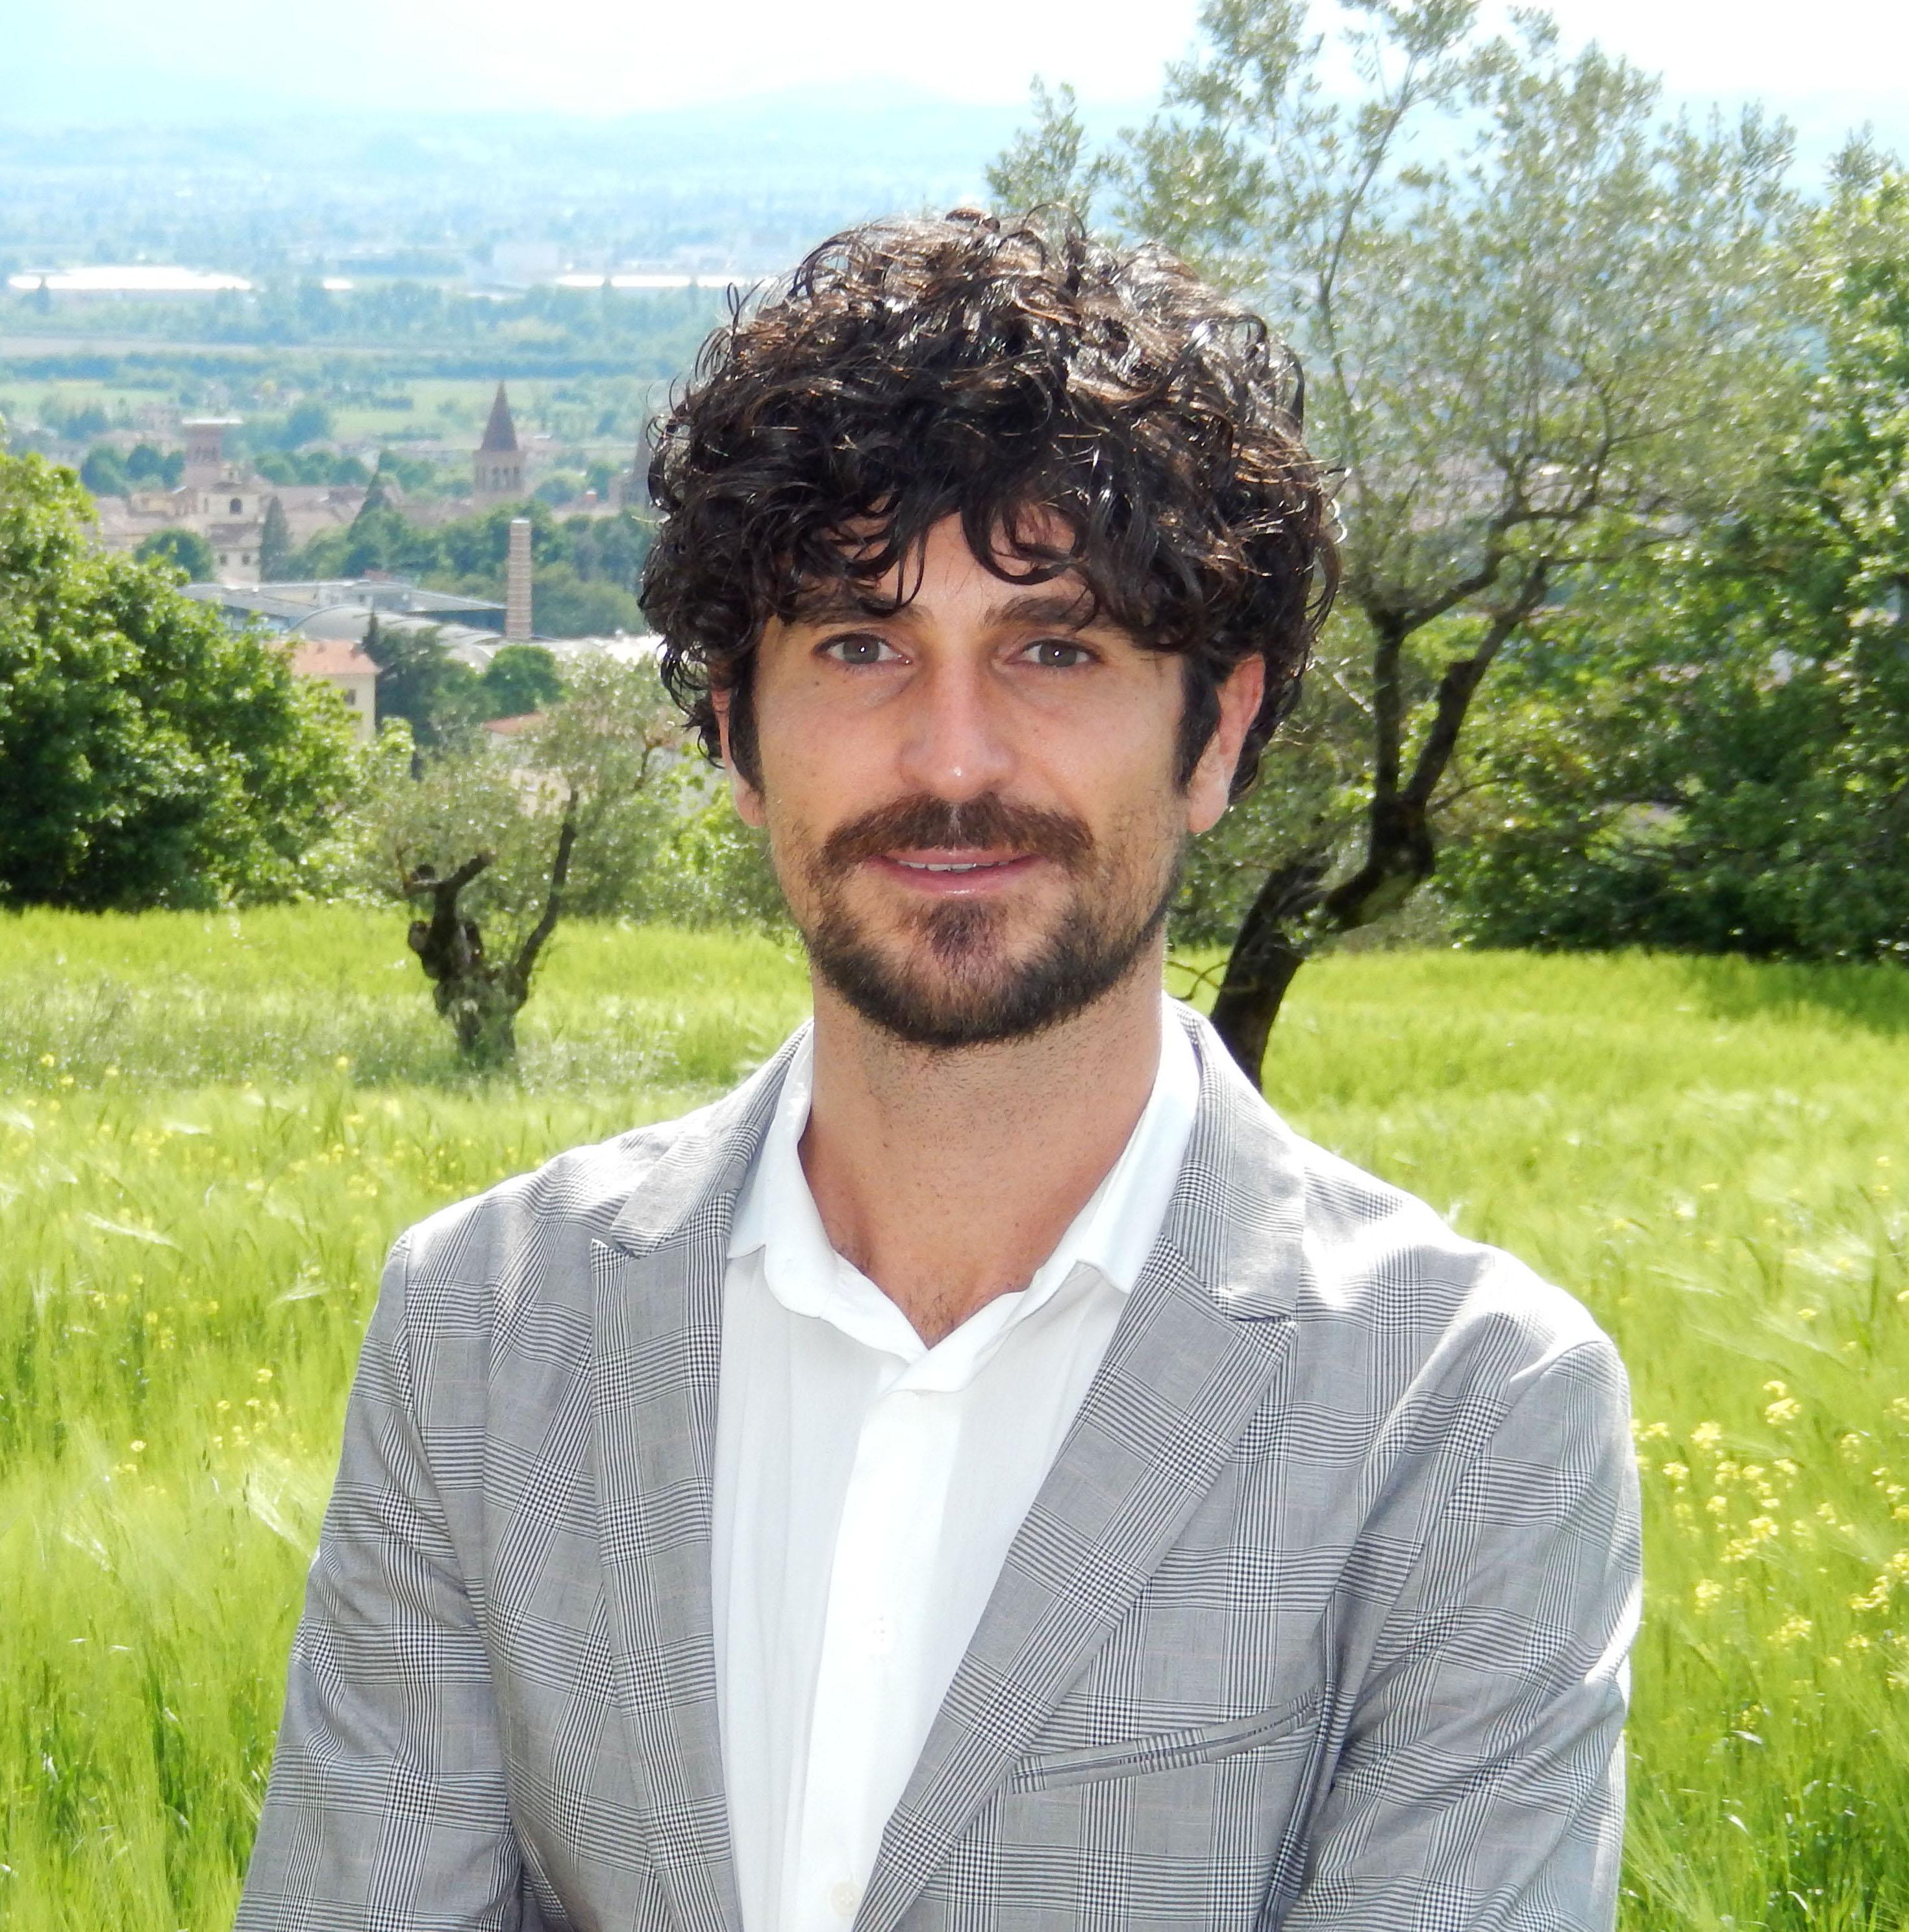 sansepolcro Gabriele Marconcini insieme possiamo la sinistra